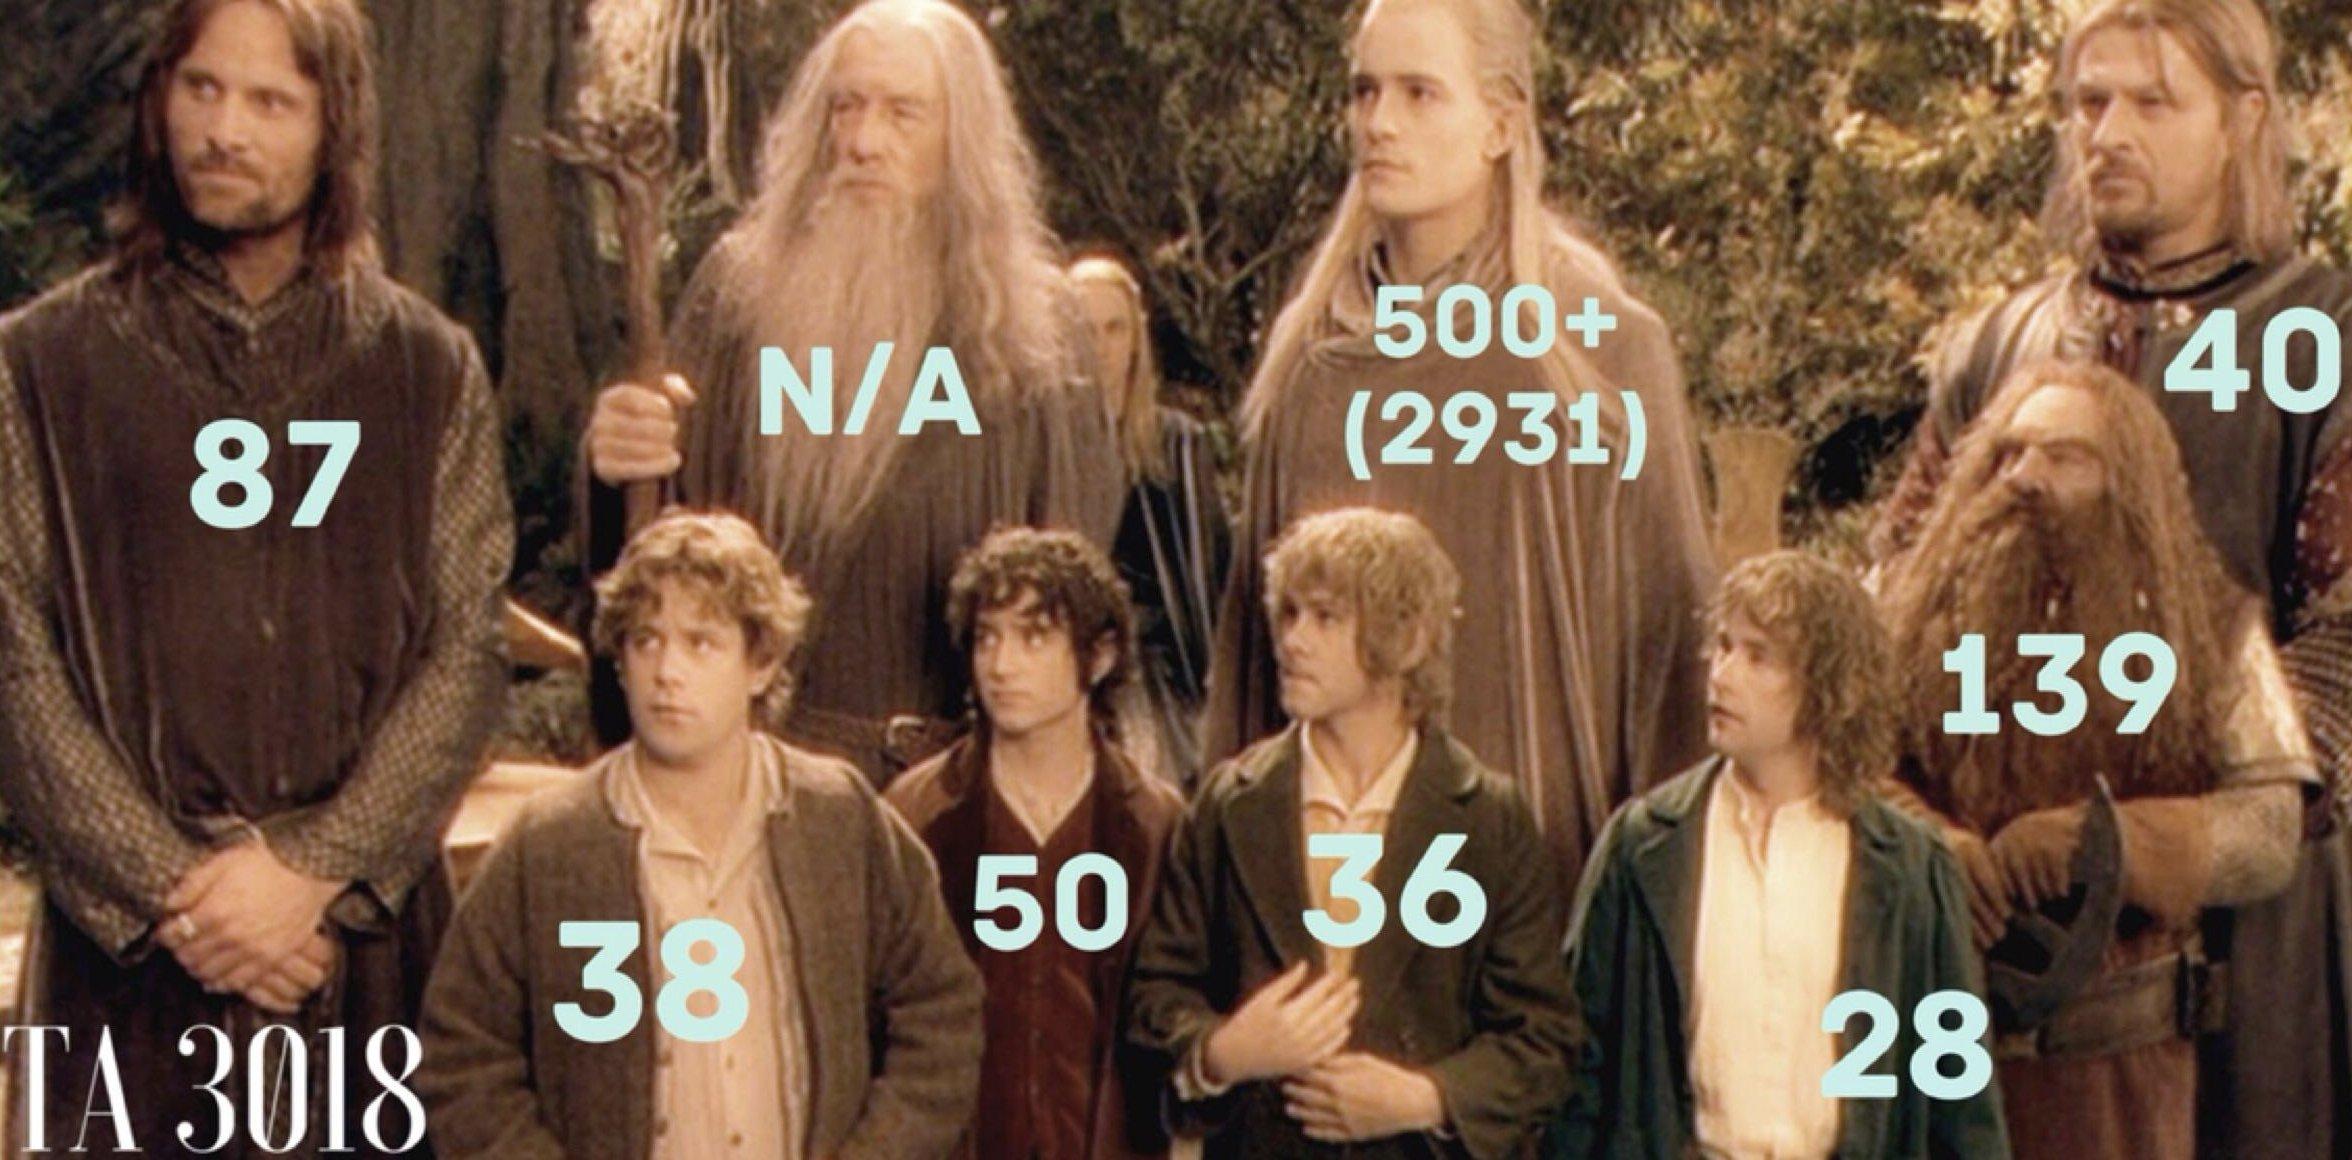 photo avec l'âge des personnage lors de la quête de la communauté de l'anneau